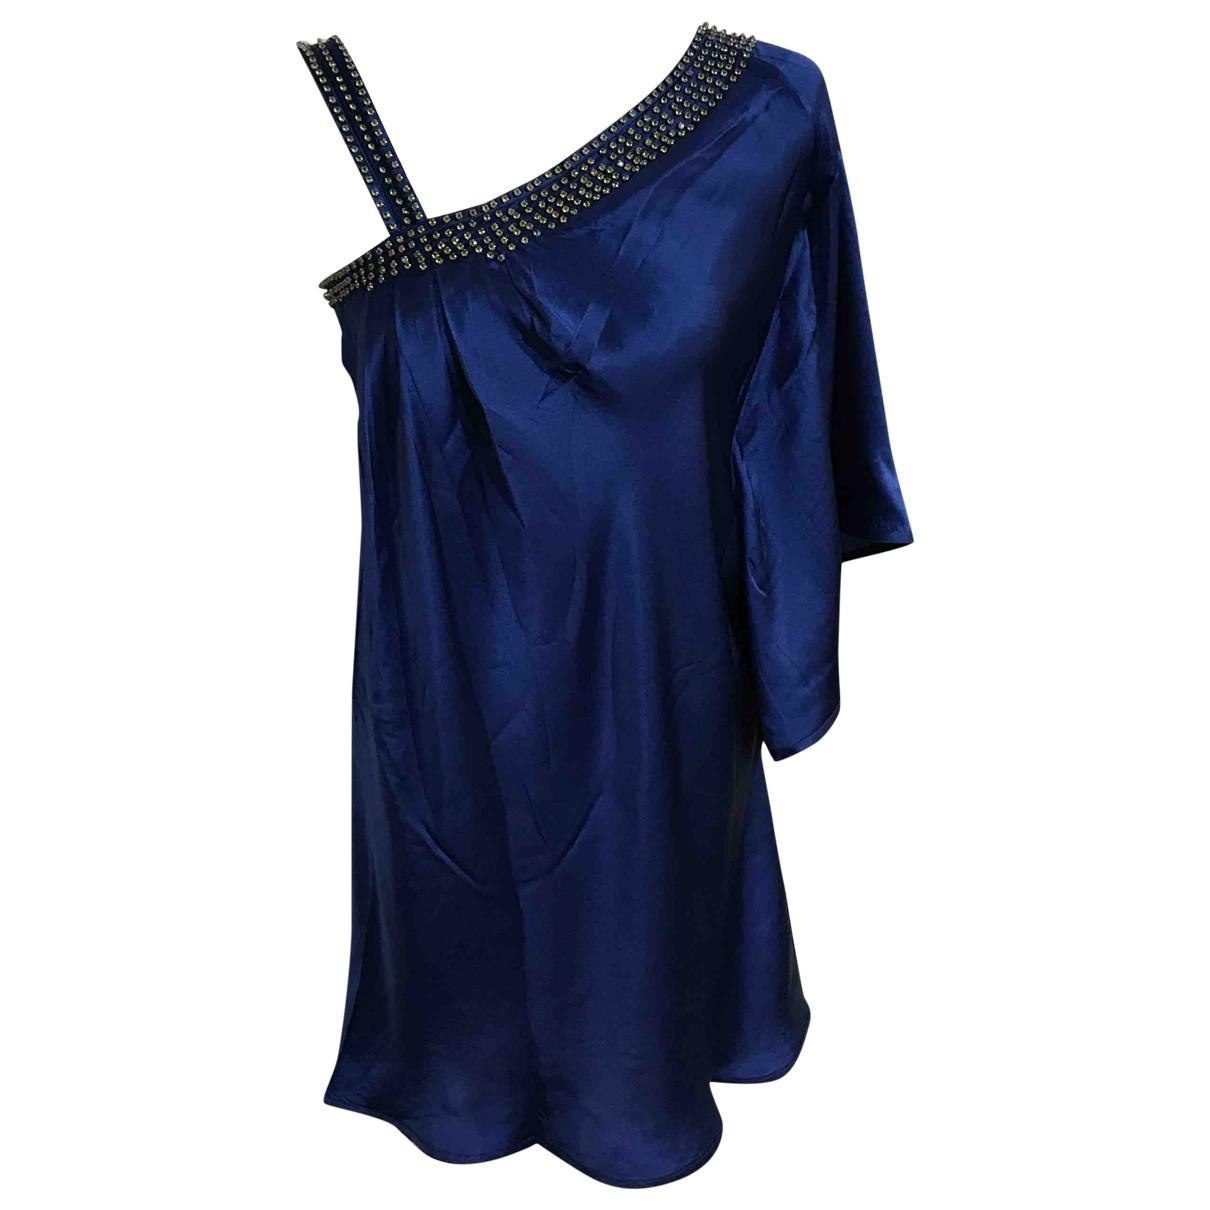 Paul & Joe \N Kleid in  Blau Seide